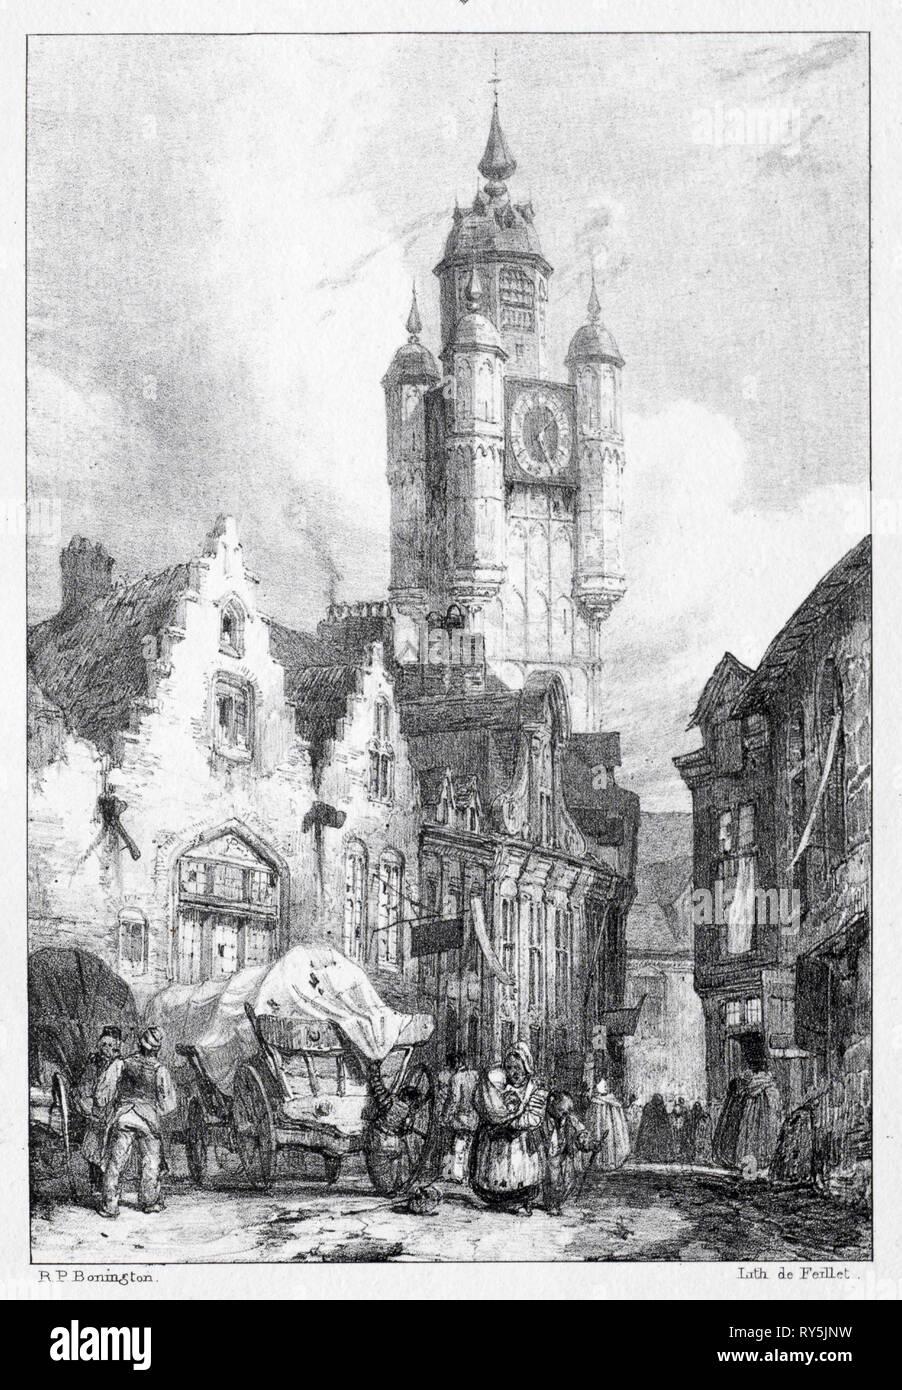 Bergues:  La Tour du marché, 1824. Richard Parkes Bonington (British, 1802-1828). Lithograph - Stock Image